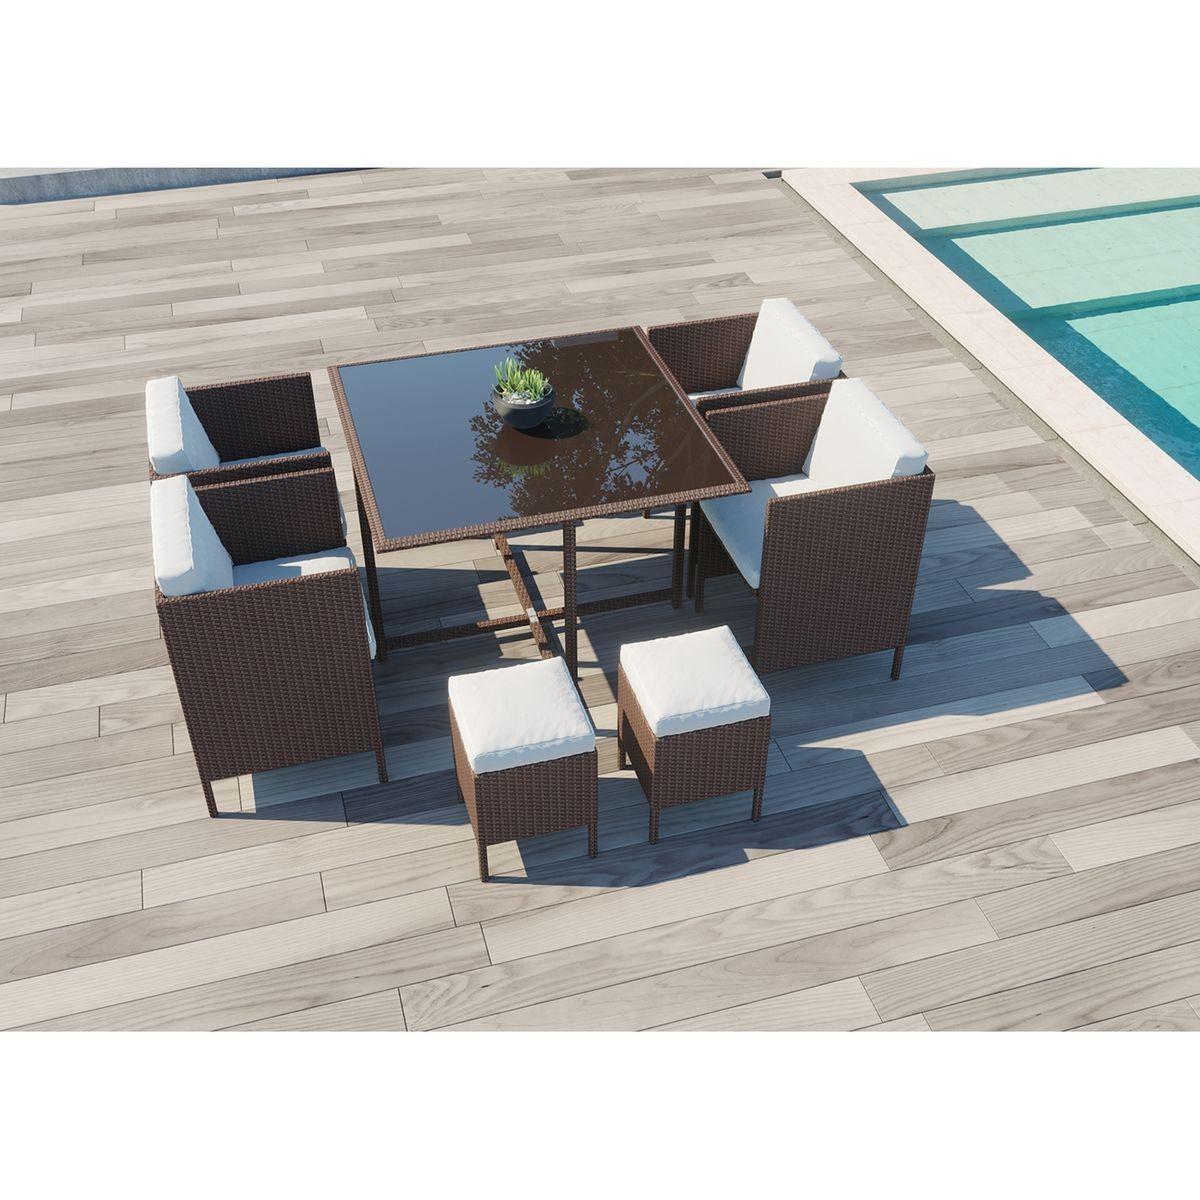 Salon De Jardin Resine Tressee 8 Places Daytona 8 Taille 8 Pers Agrement De Jardin Salon De Jardin Resine Et Salon De Jardin Encastrable